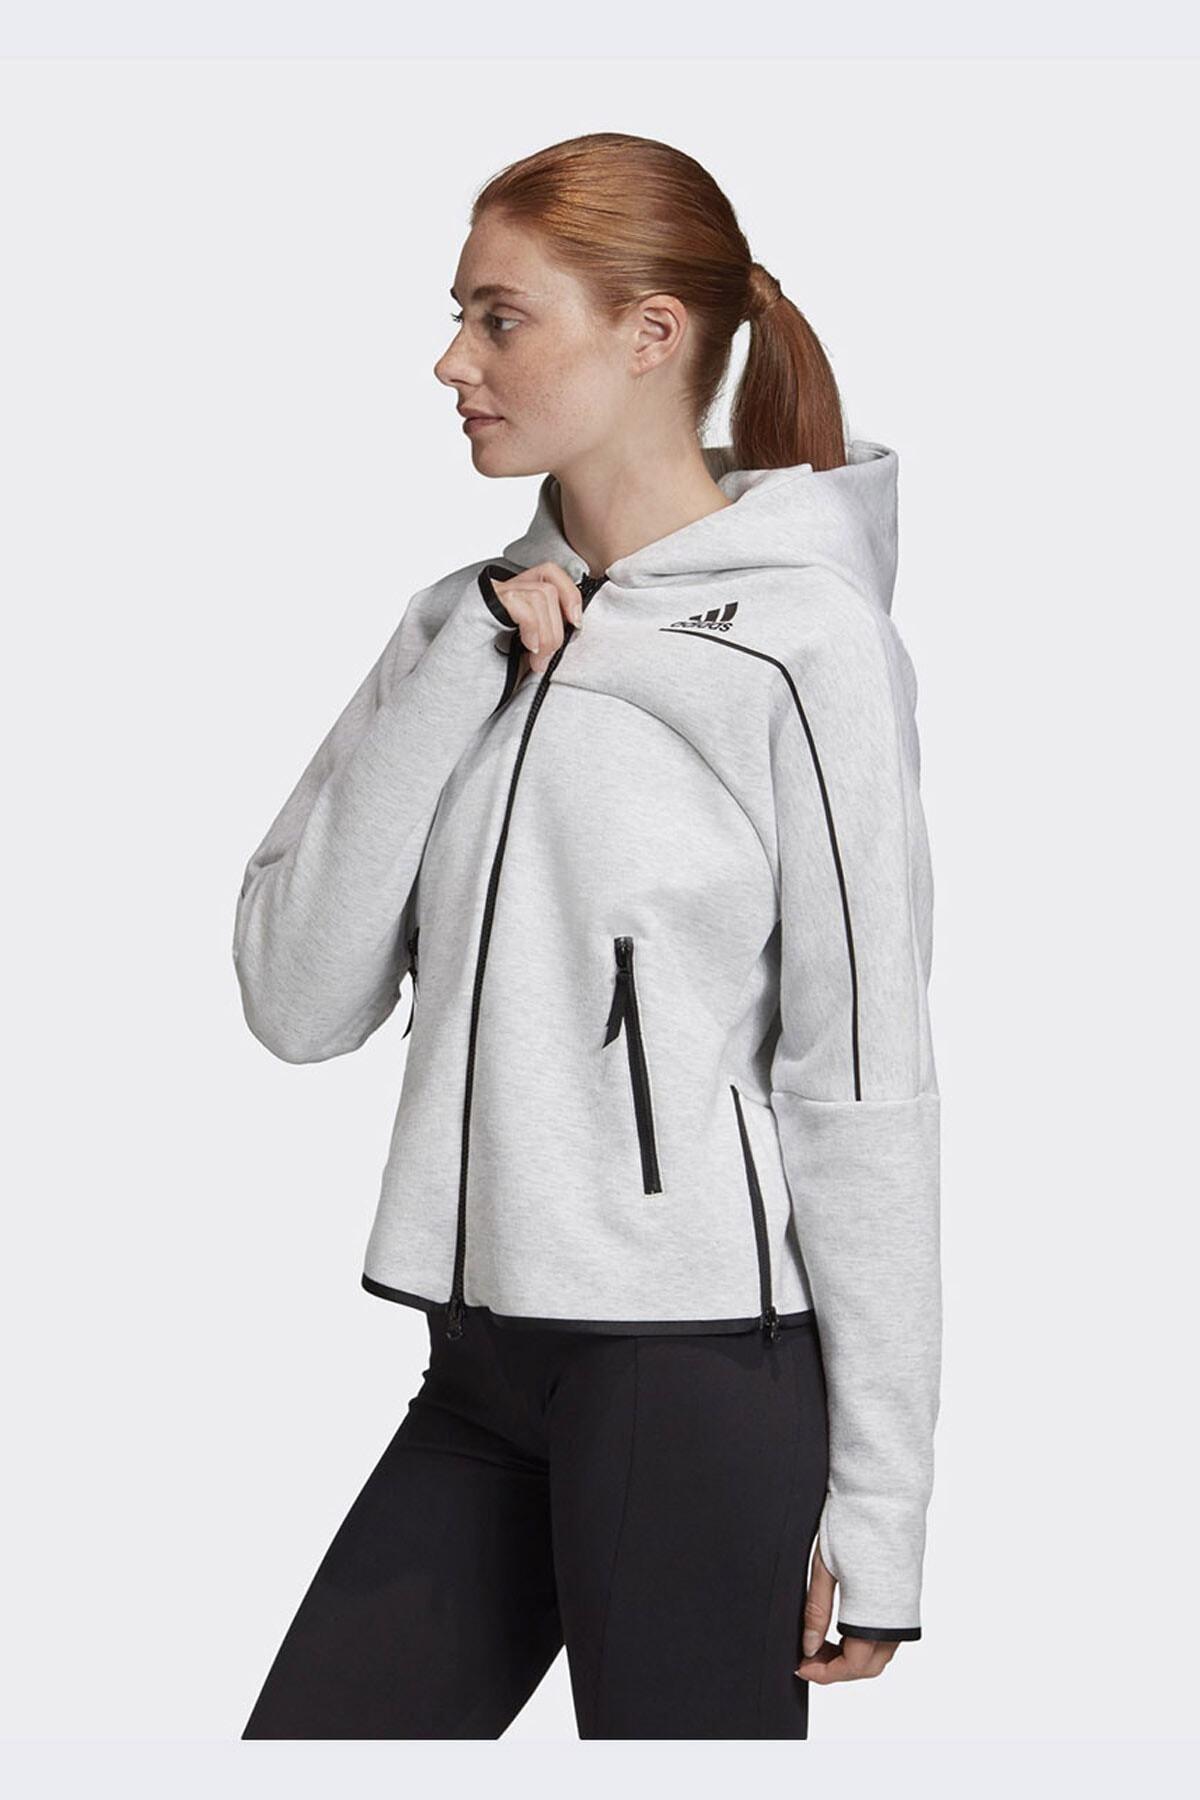 adidas Kadın Günlük Giyim Eşofman Üstü W Zne Hd Gm3278 2